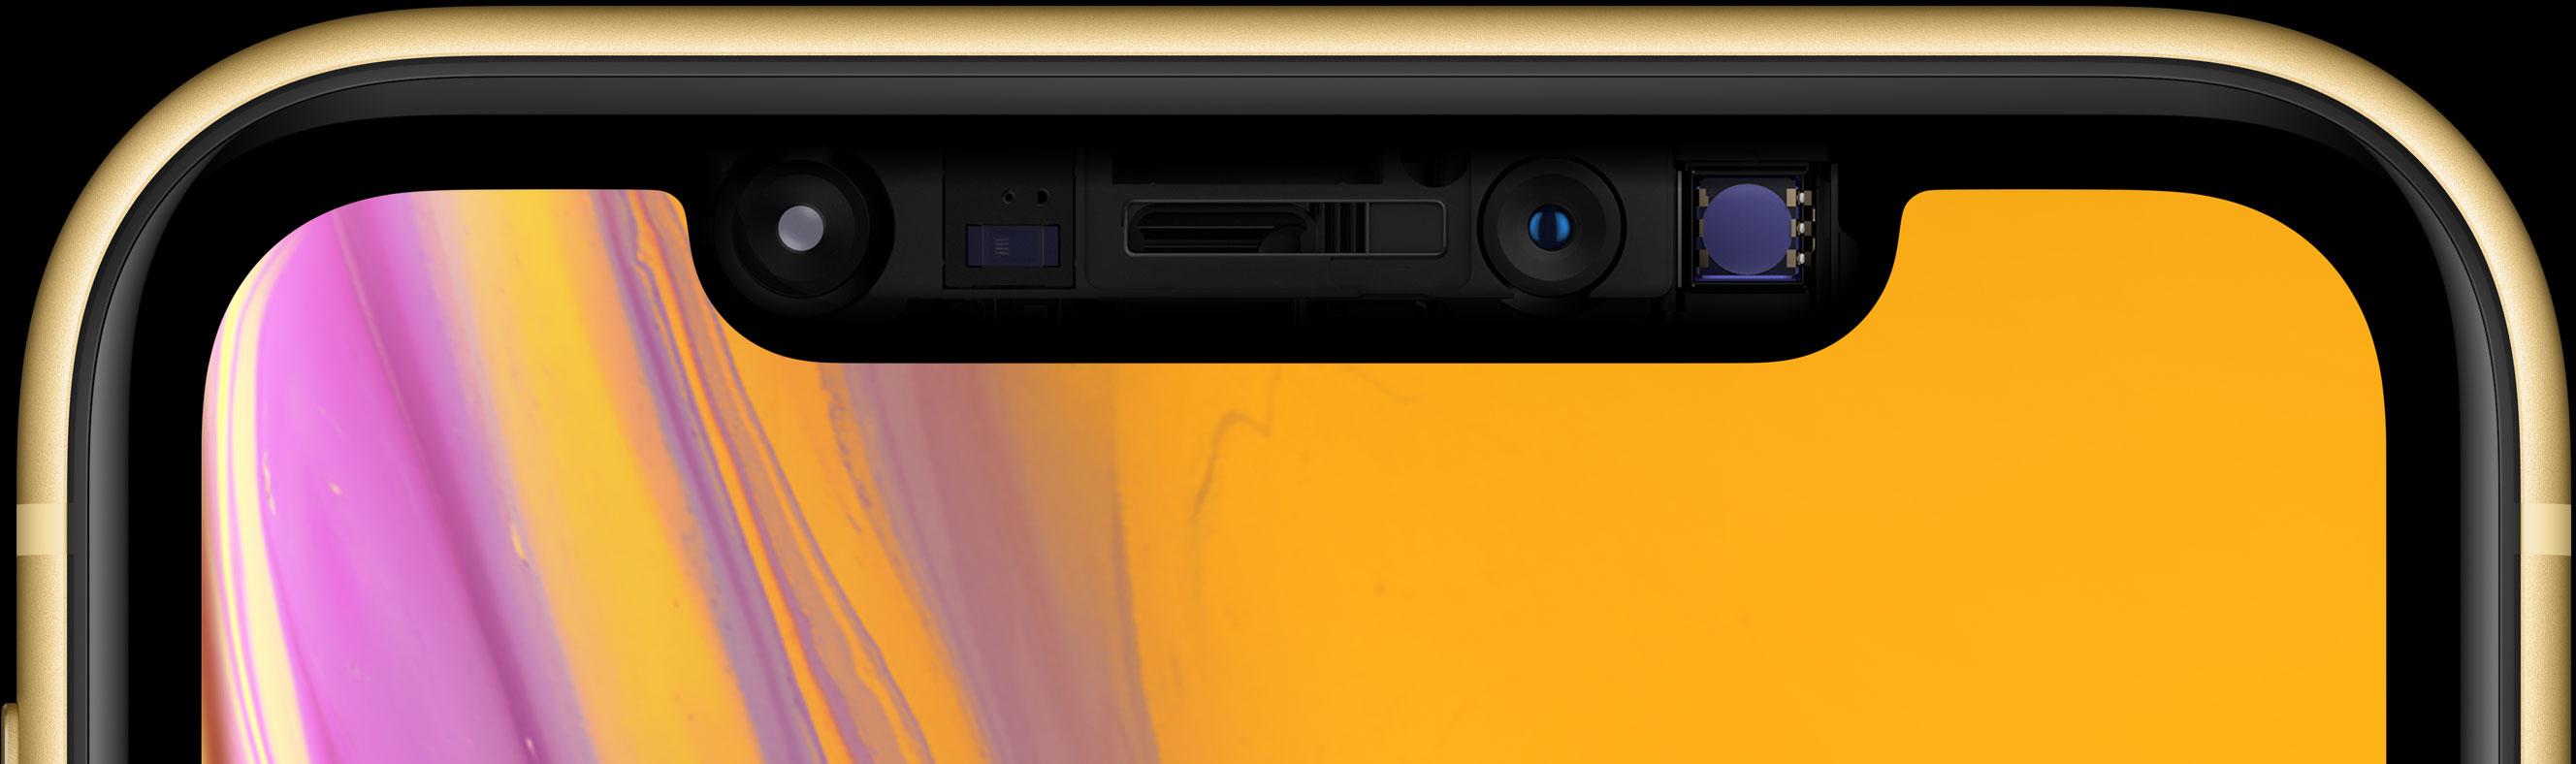 Juego de sensores TrueDepth en un iPhone XR